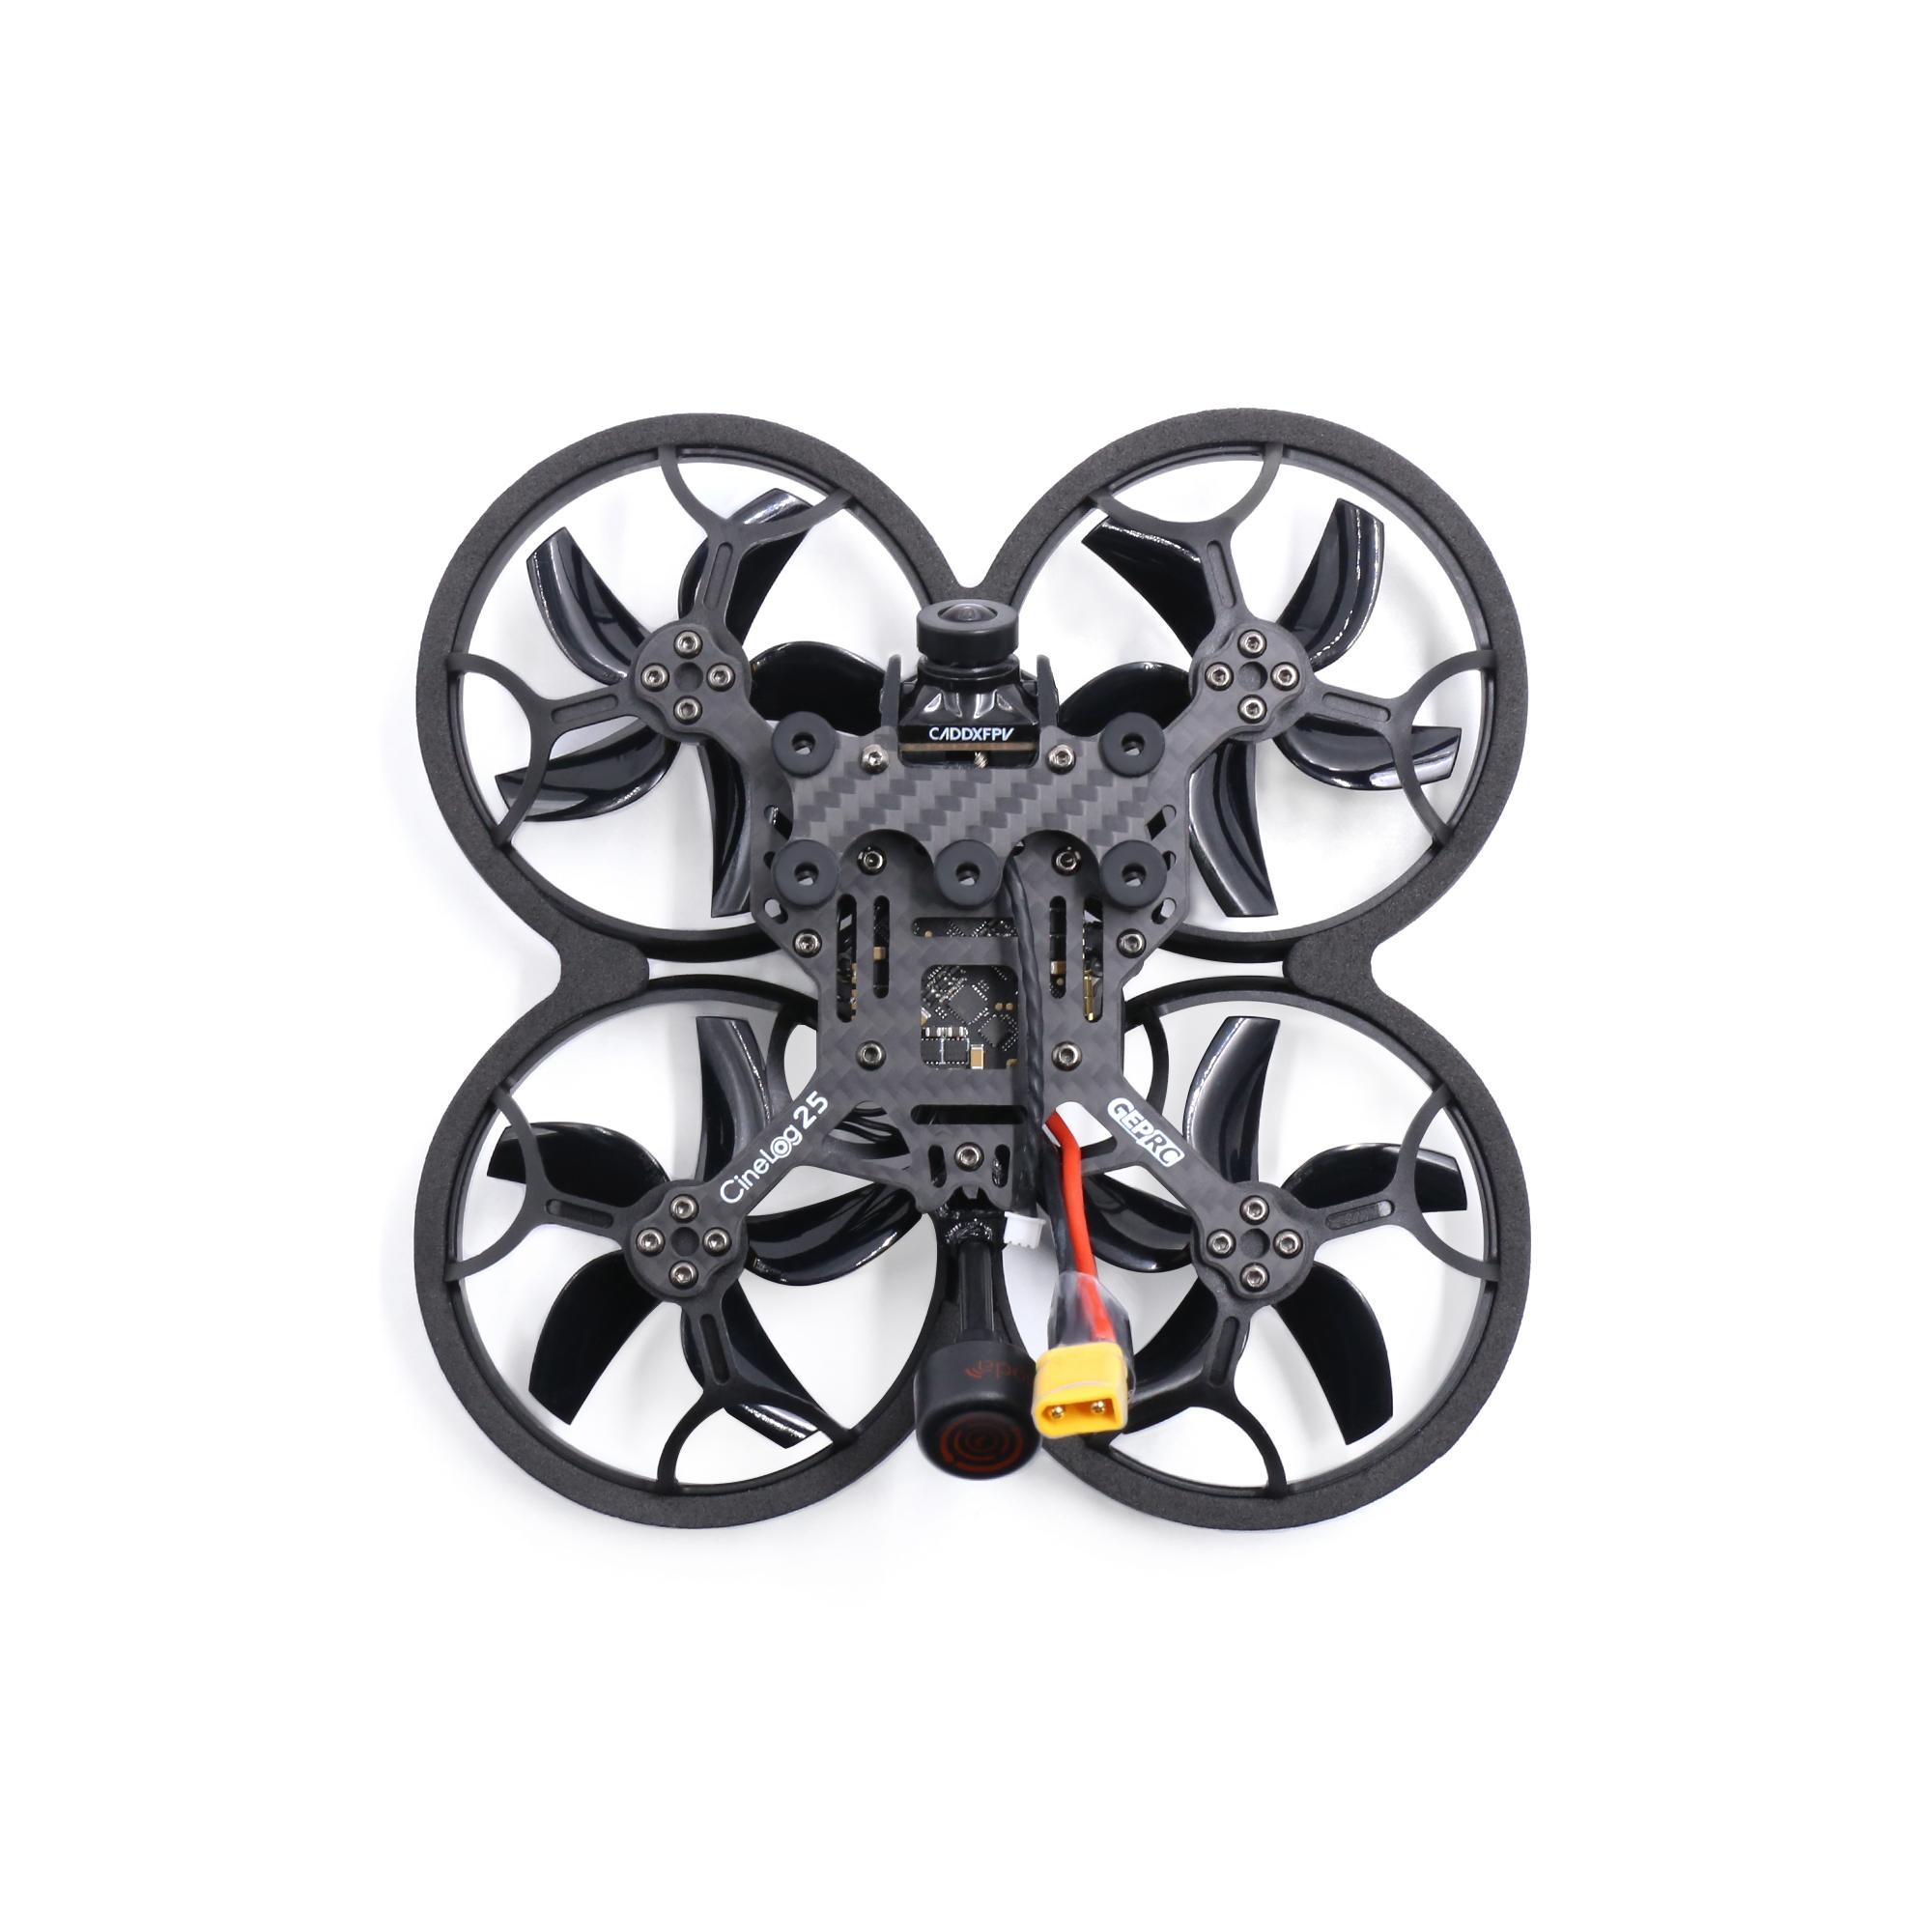 GEPRC CineLog 25 HD Pro CineWhoop Drone